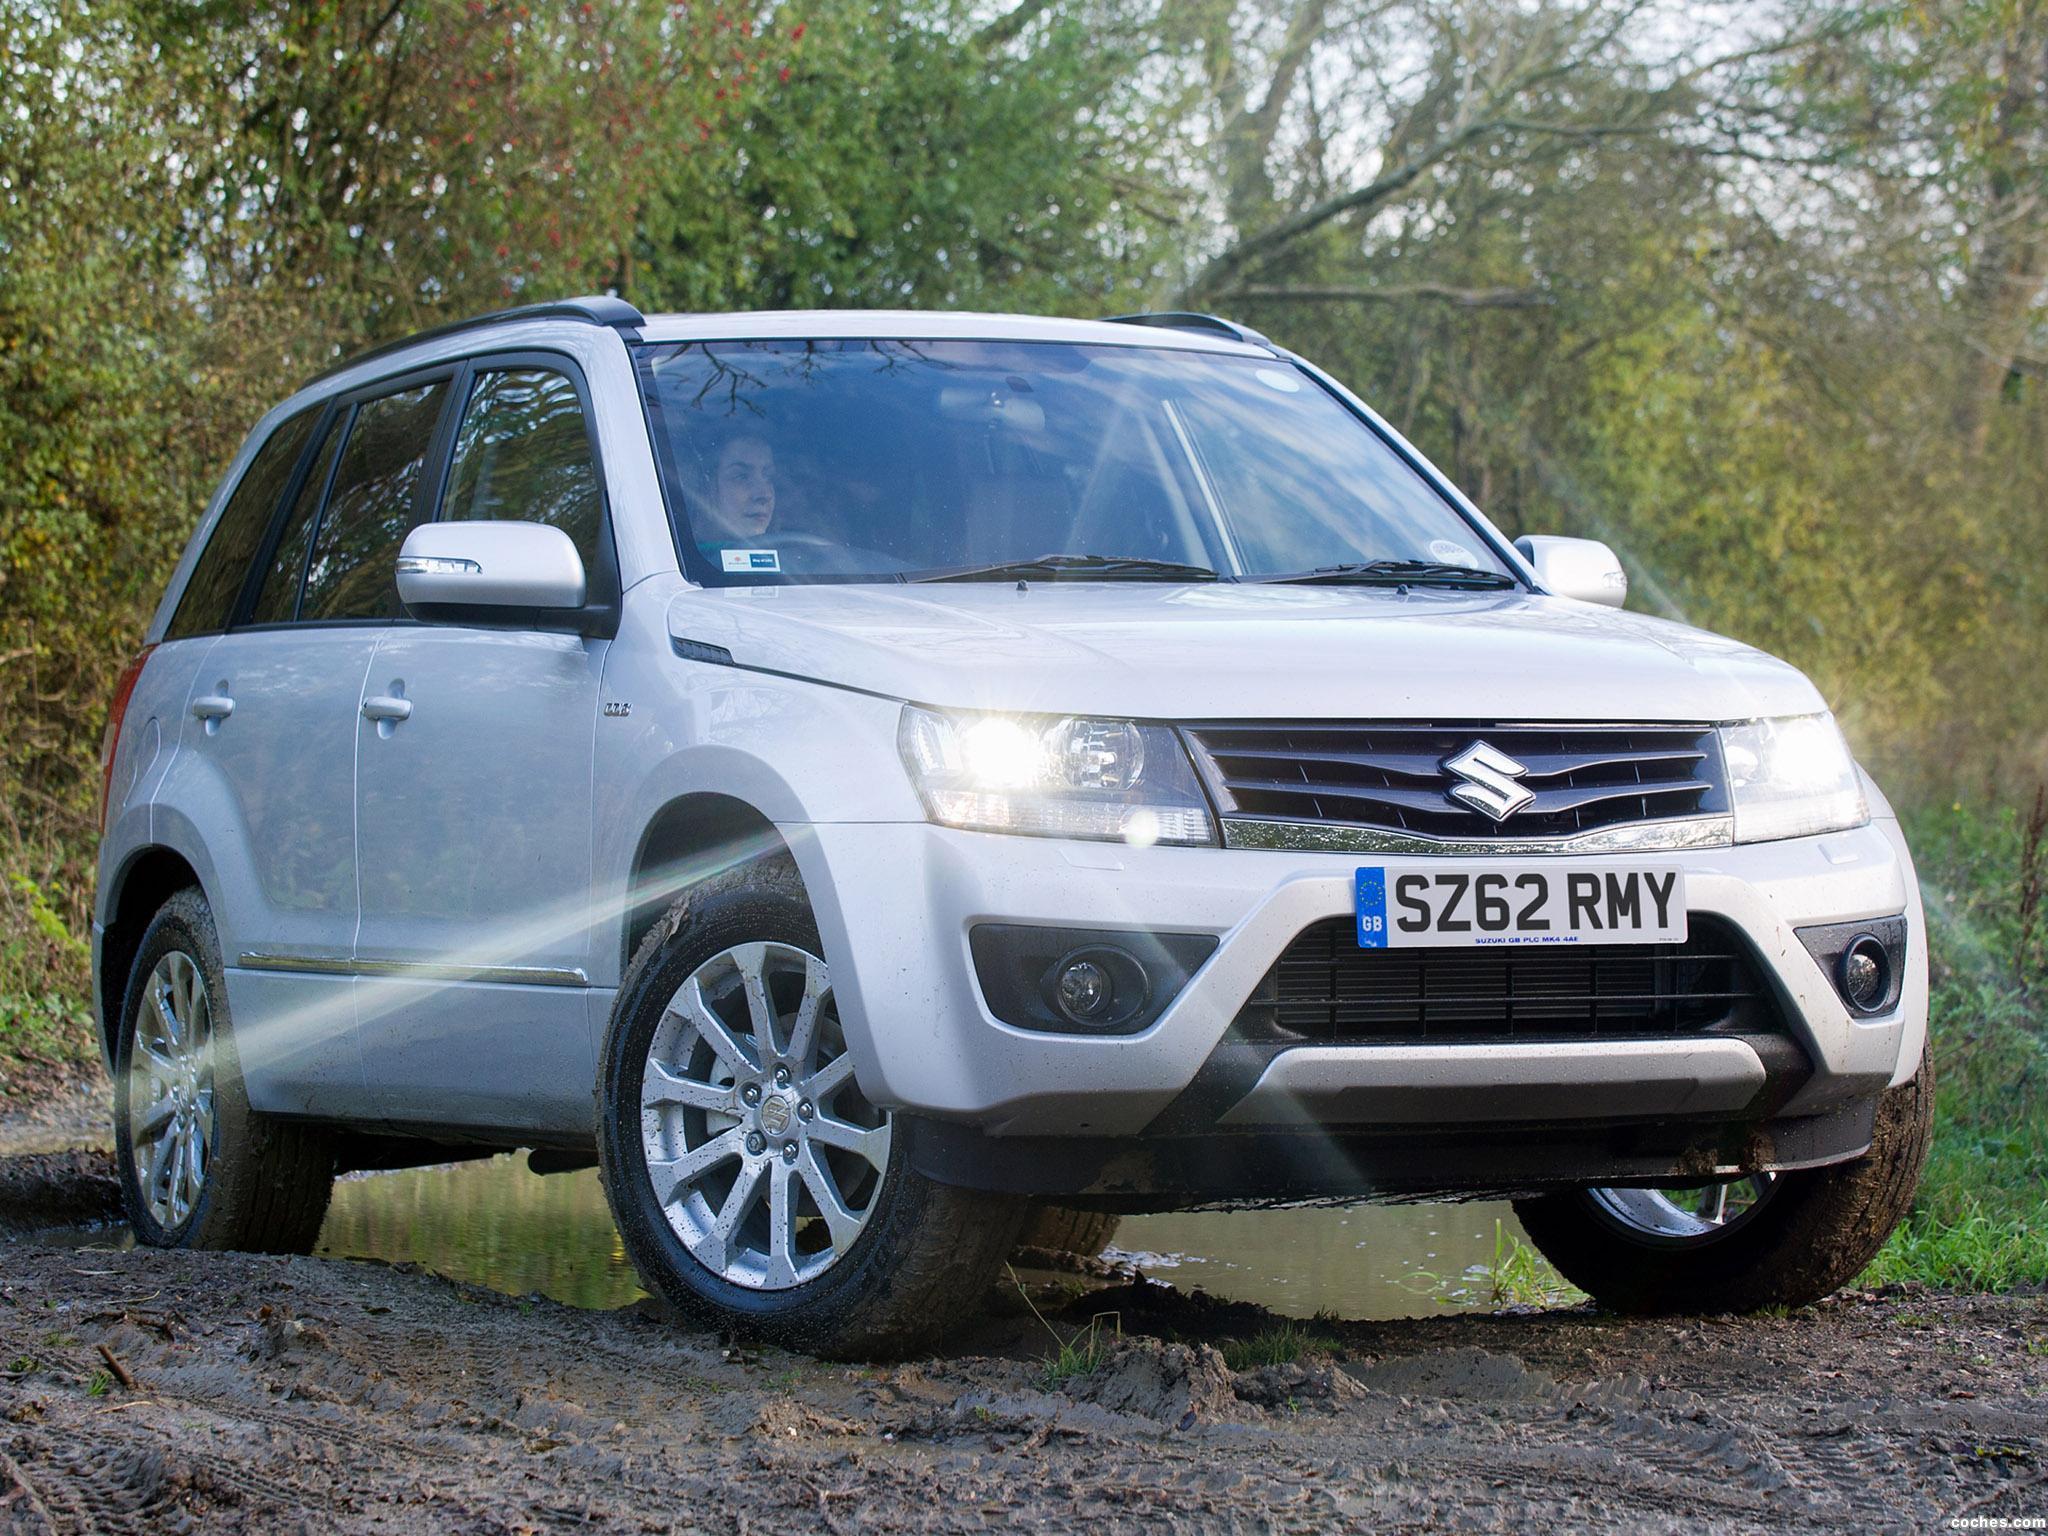 Foto 0 de Suzuki Grand Vitara 5 puertas UK 2012